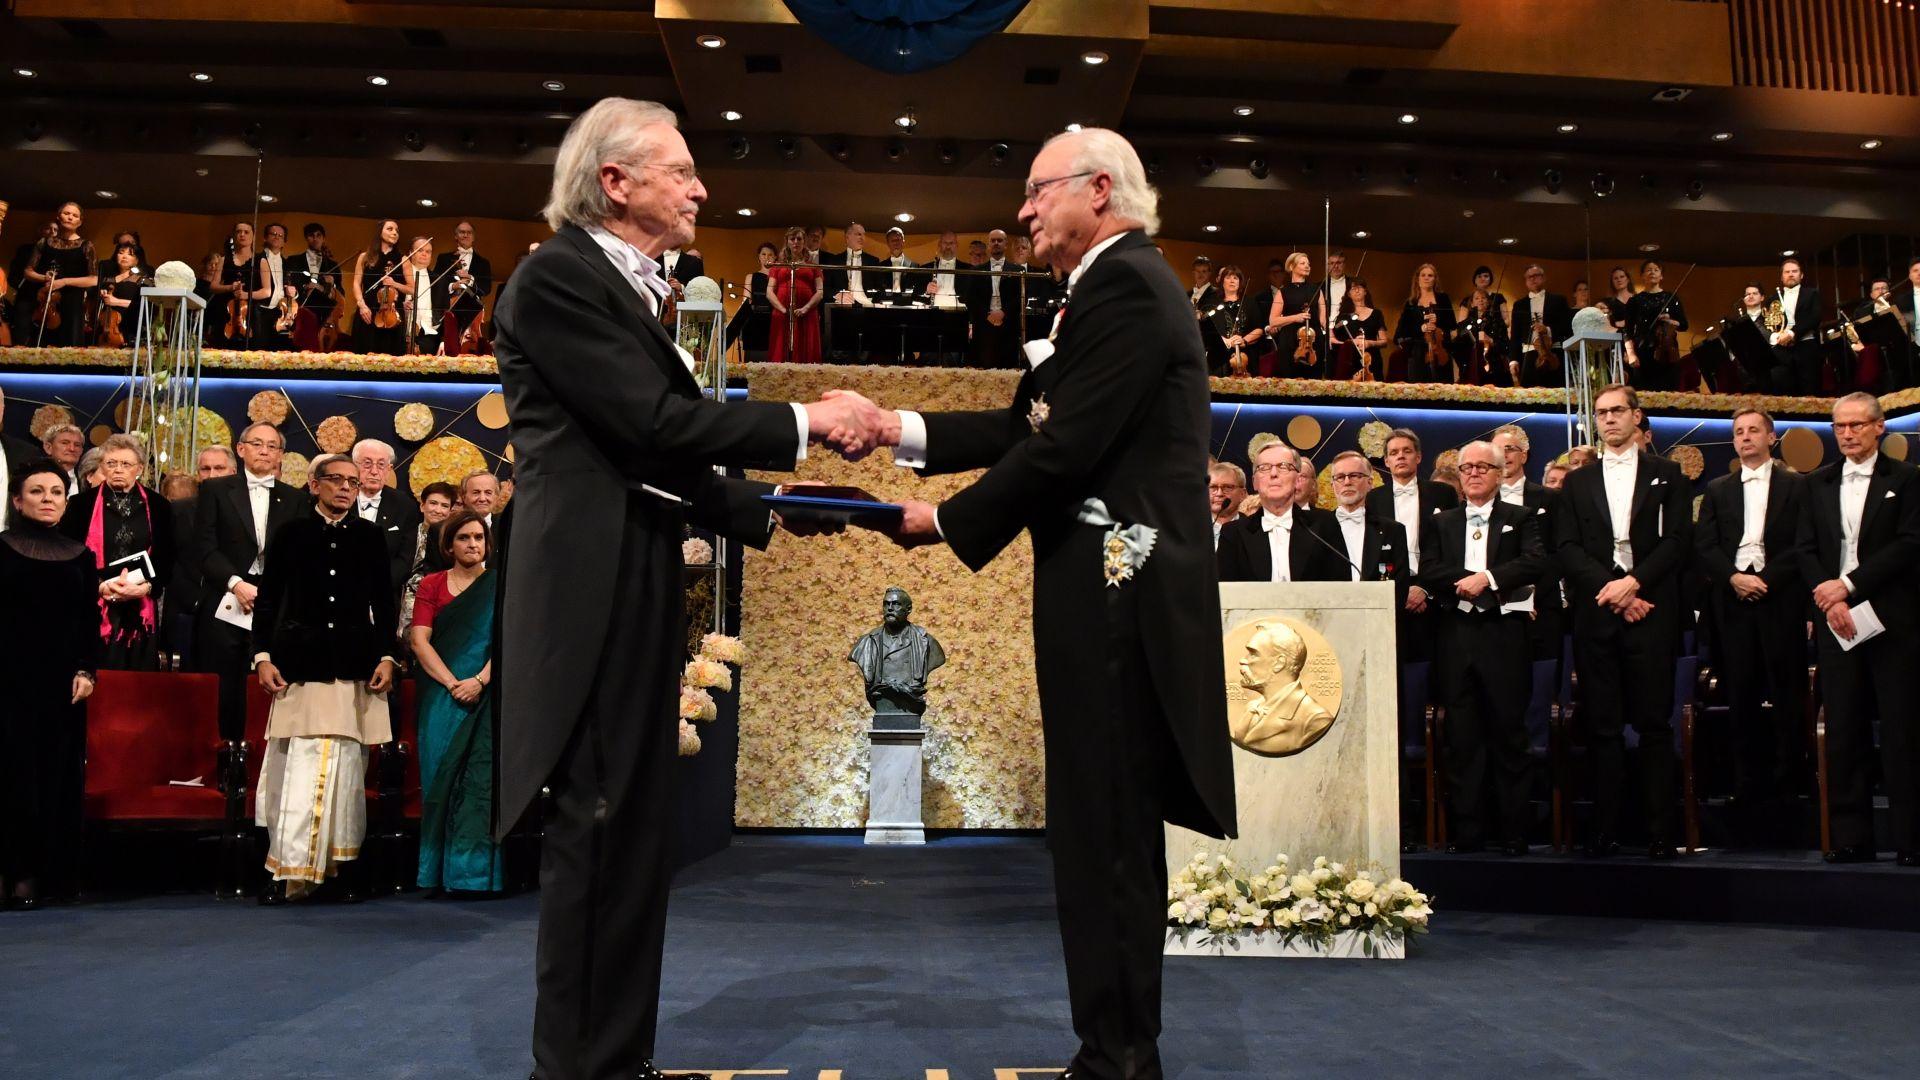 Кралят на Швеция Карл XVI Густав връчи в Стокхолмската филхармония